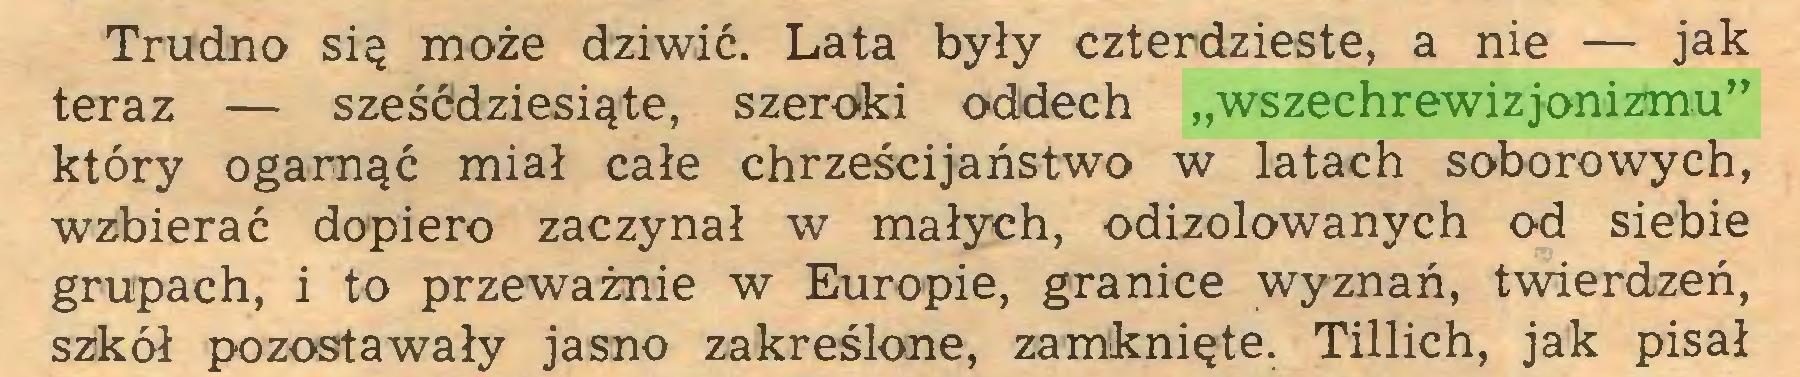 """(...) Trudno się może dziwić. Lata były czterdzieste, a nie — jak teraz — sześćdziesiąte, szeroki oddech """"wszechrewizjonizmu"""" który ogarnąć miał całe chrześcijaństwo w latach soborowych, wzbierać dopiero zaczynał w małych, odizolowanych od siebie grupach, i to przeważnie w Europie, granice wyznań, twierdzeń, szkół pozostawały jasno zakreślone, zamknięte. Tillich, jak pisał..."""